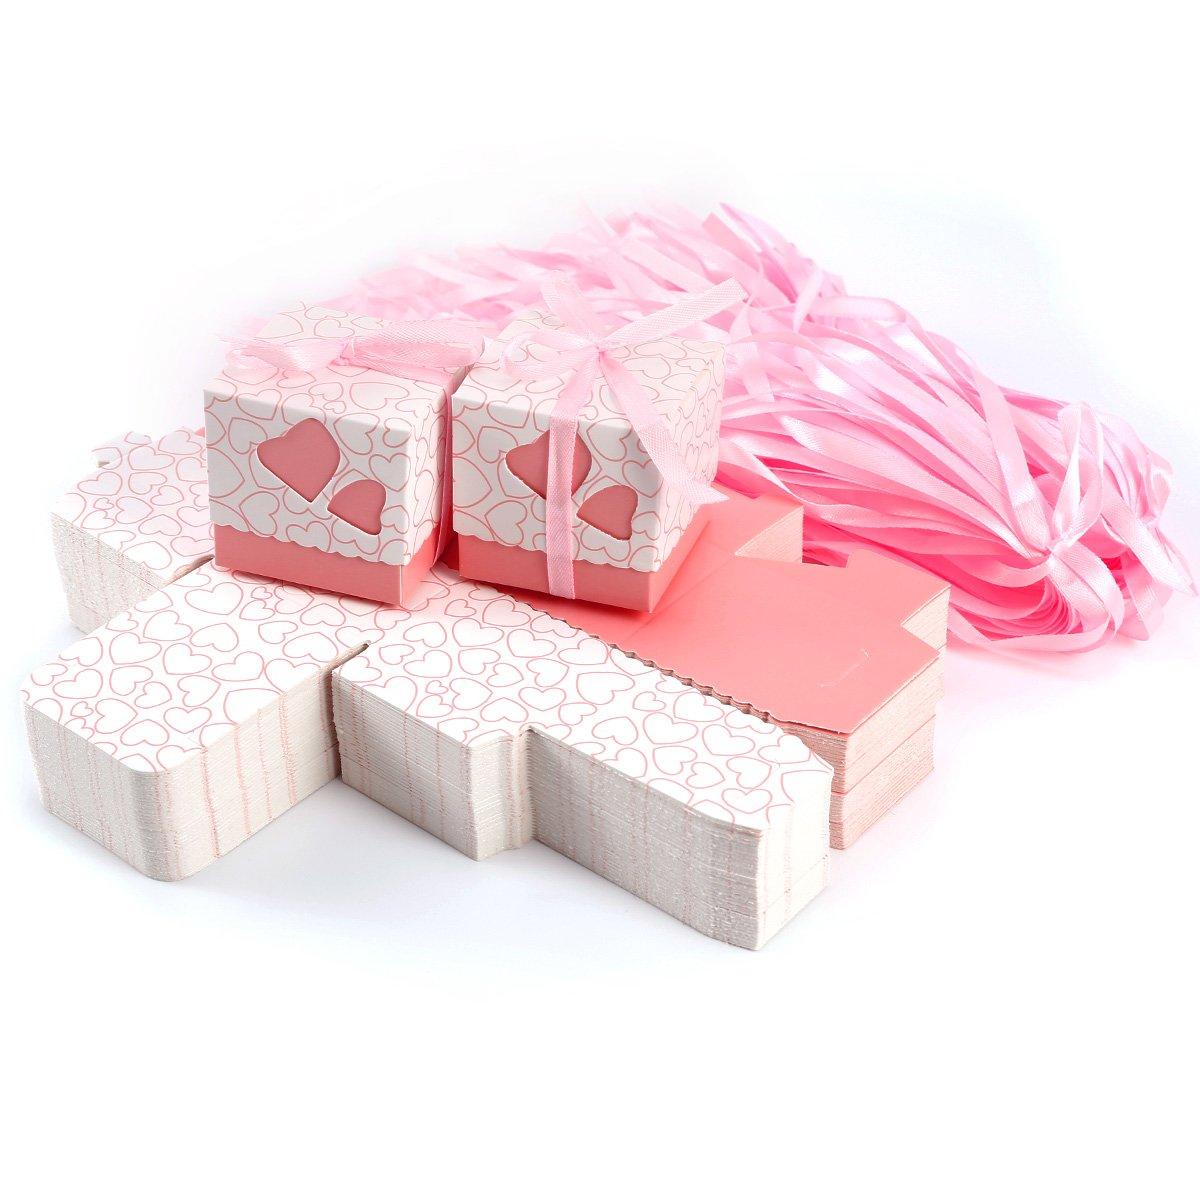 Scatole a forma di cuore - 100pezzi Ideale come bomboniera per Matrimonio. Diversi colori. Pink